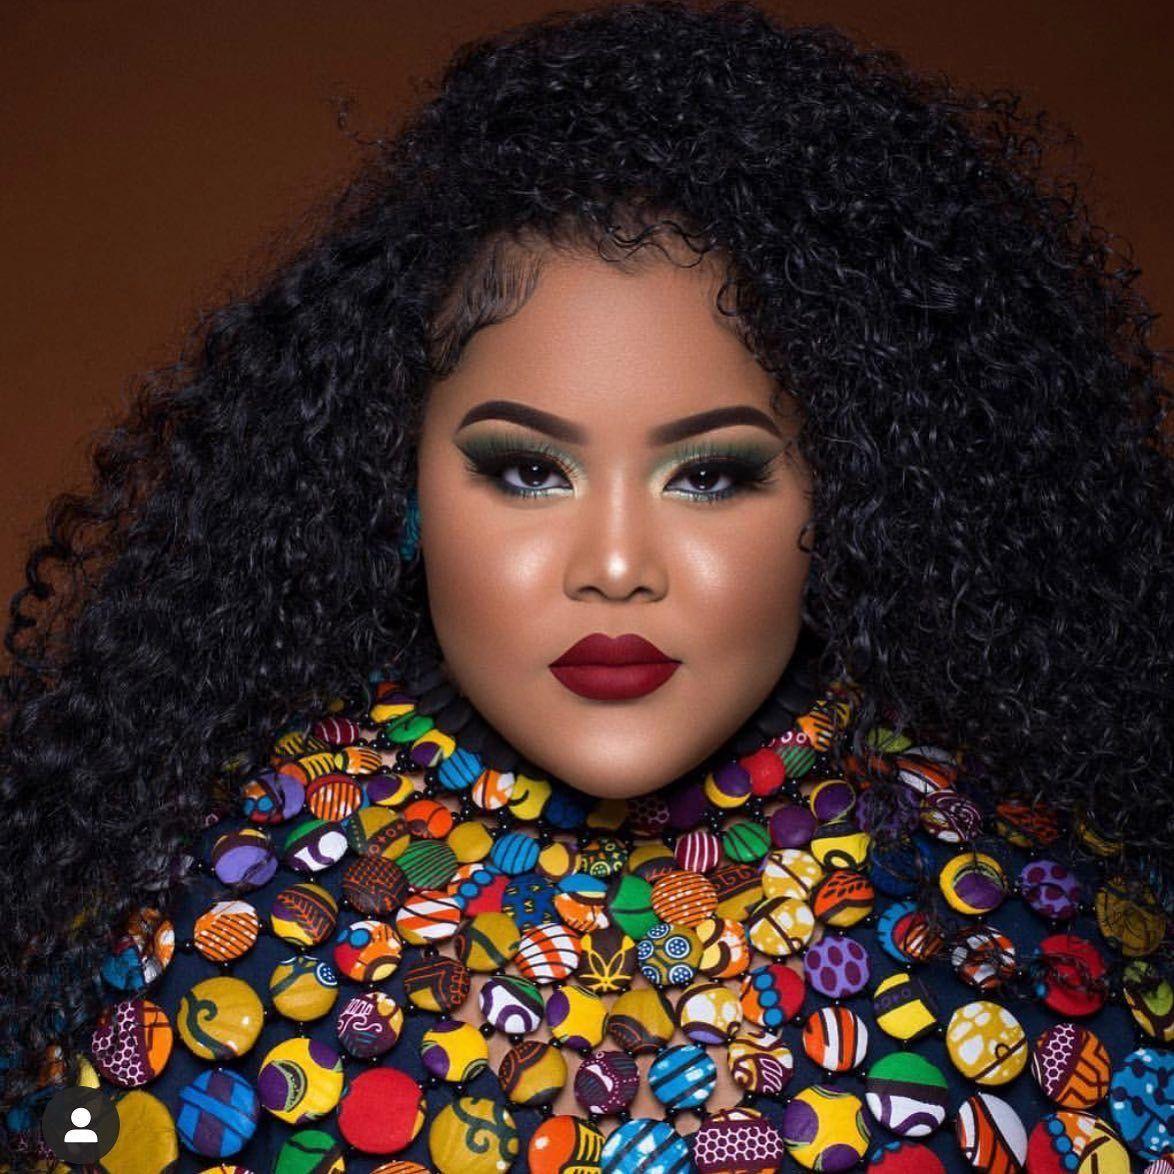 Pin by DèVeon on Makeup Beautiful black girl, Makeup